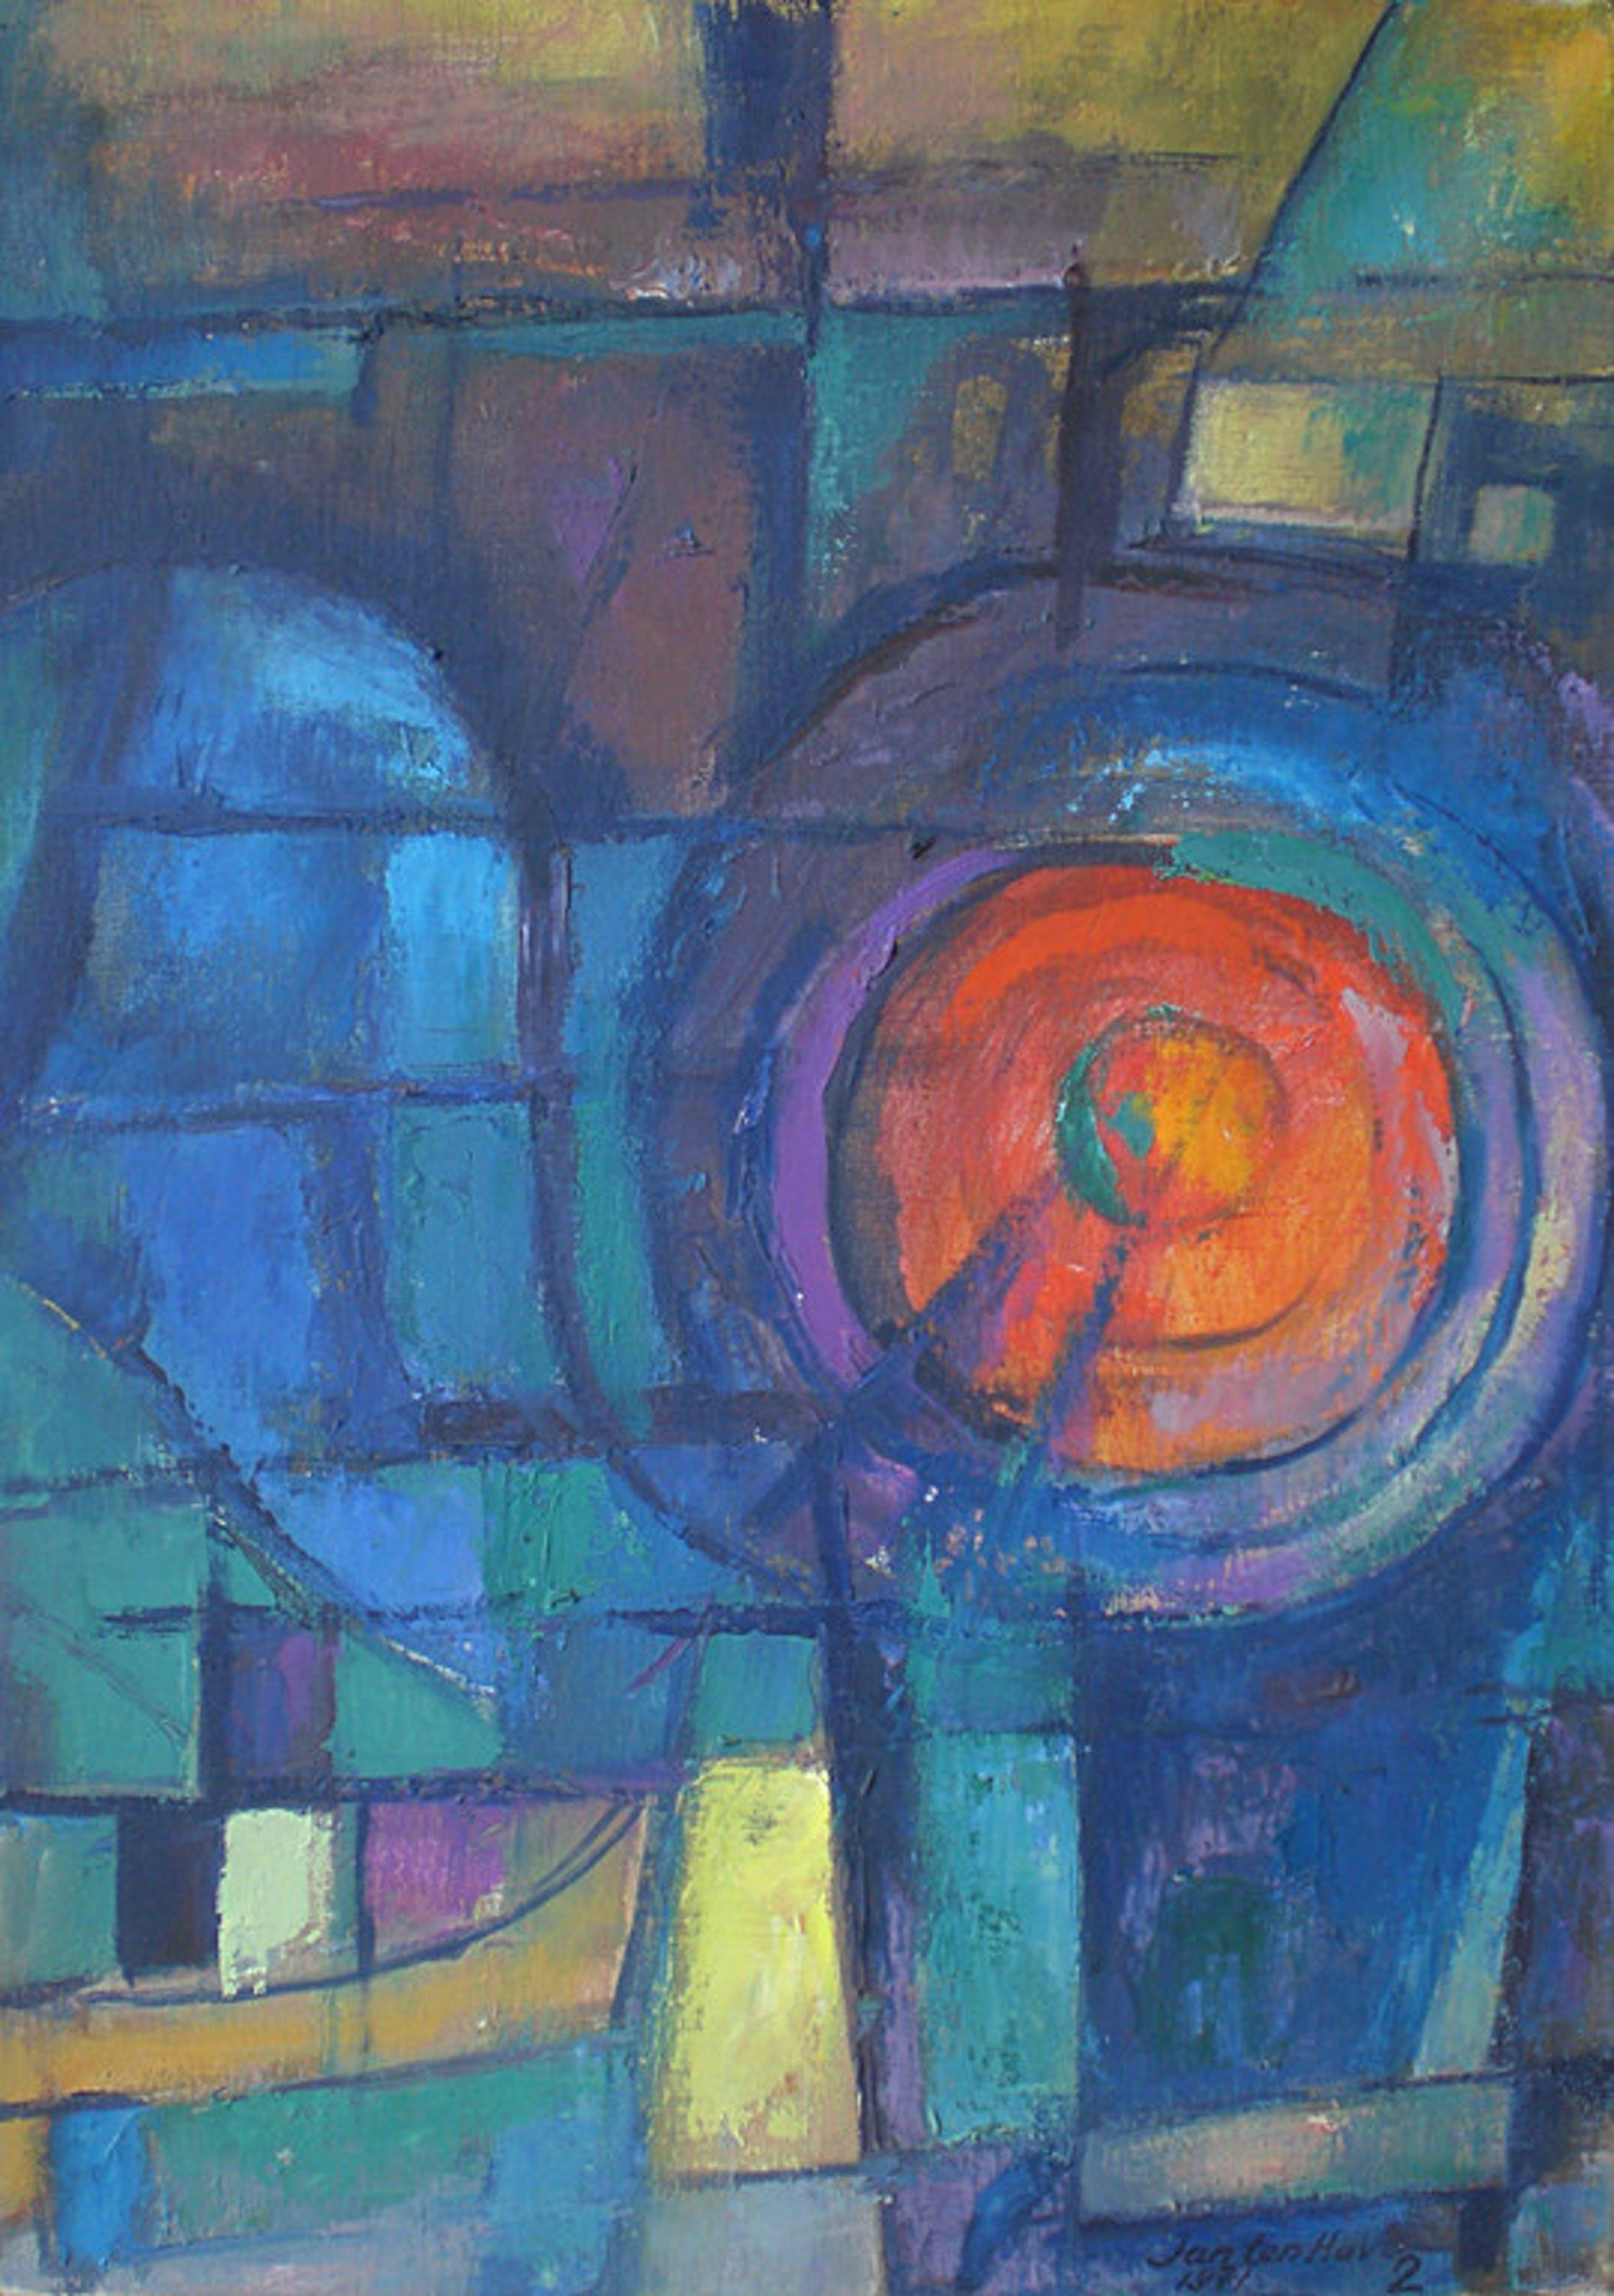 Jan ten Have (Groninger ploeg) - Abstract #2, olieverf op doek (ingelijst) kopen? Bied vanaf 150!